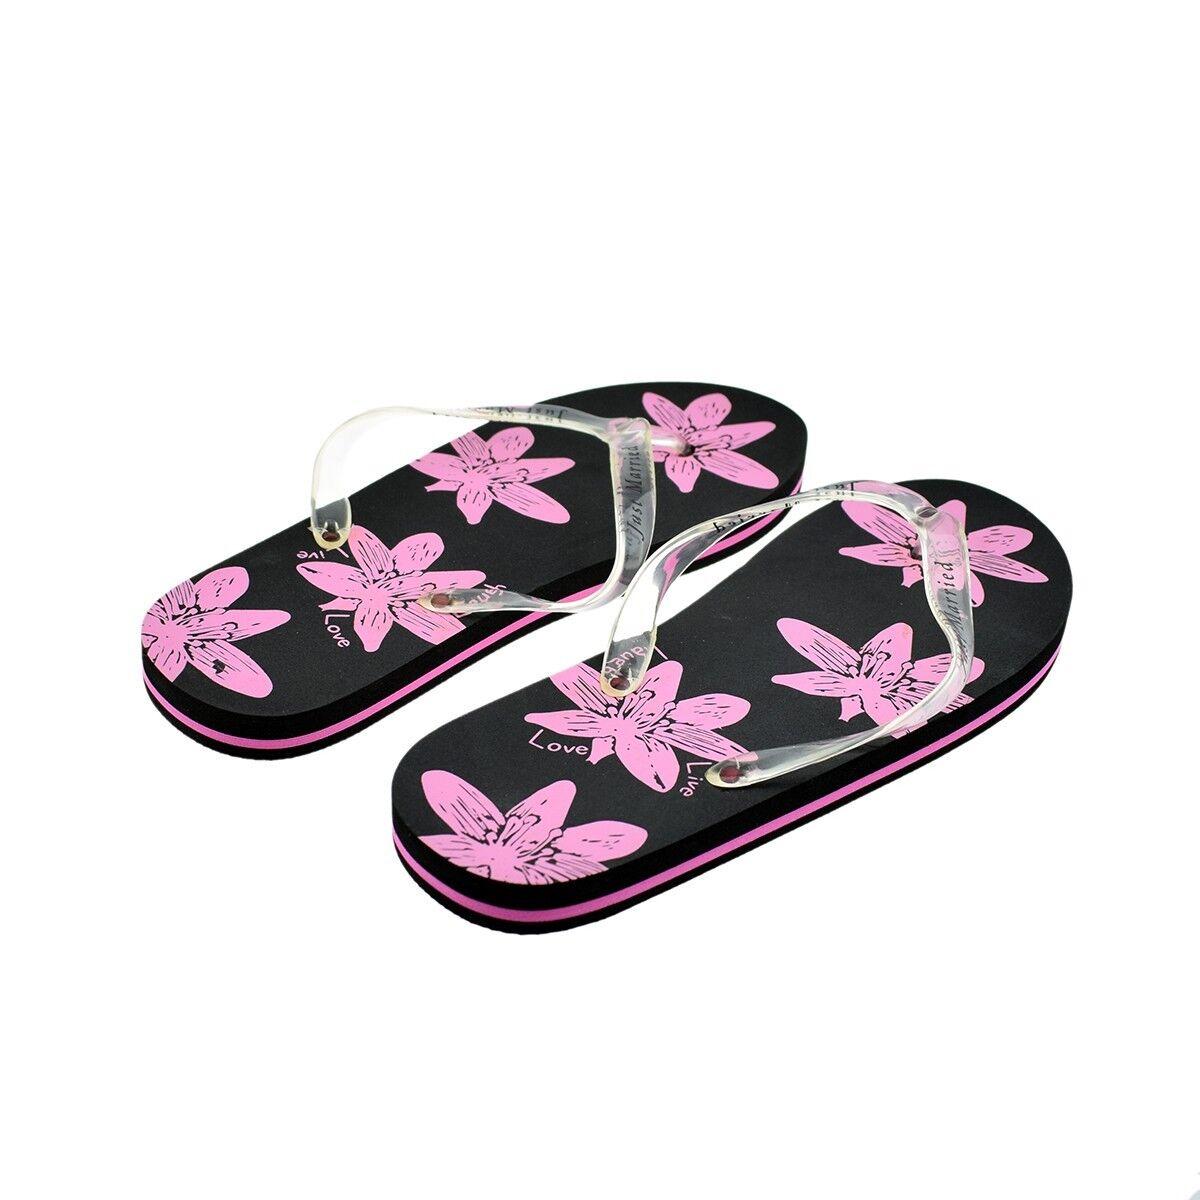 A Pair of Pink & Black Ladies Just Married Flip Flops SIZE MEDIUM (X47)